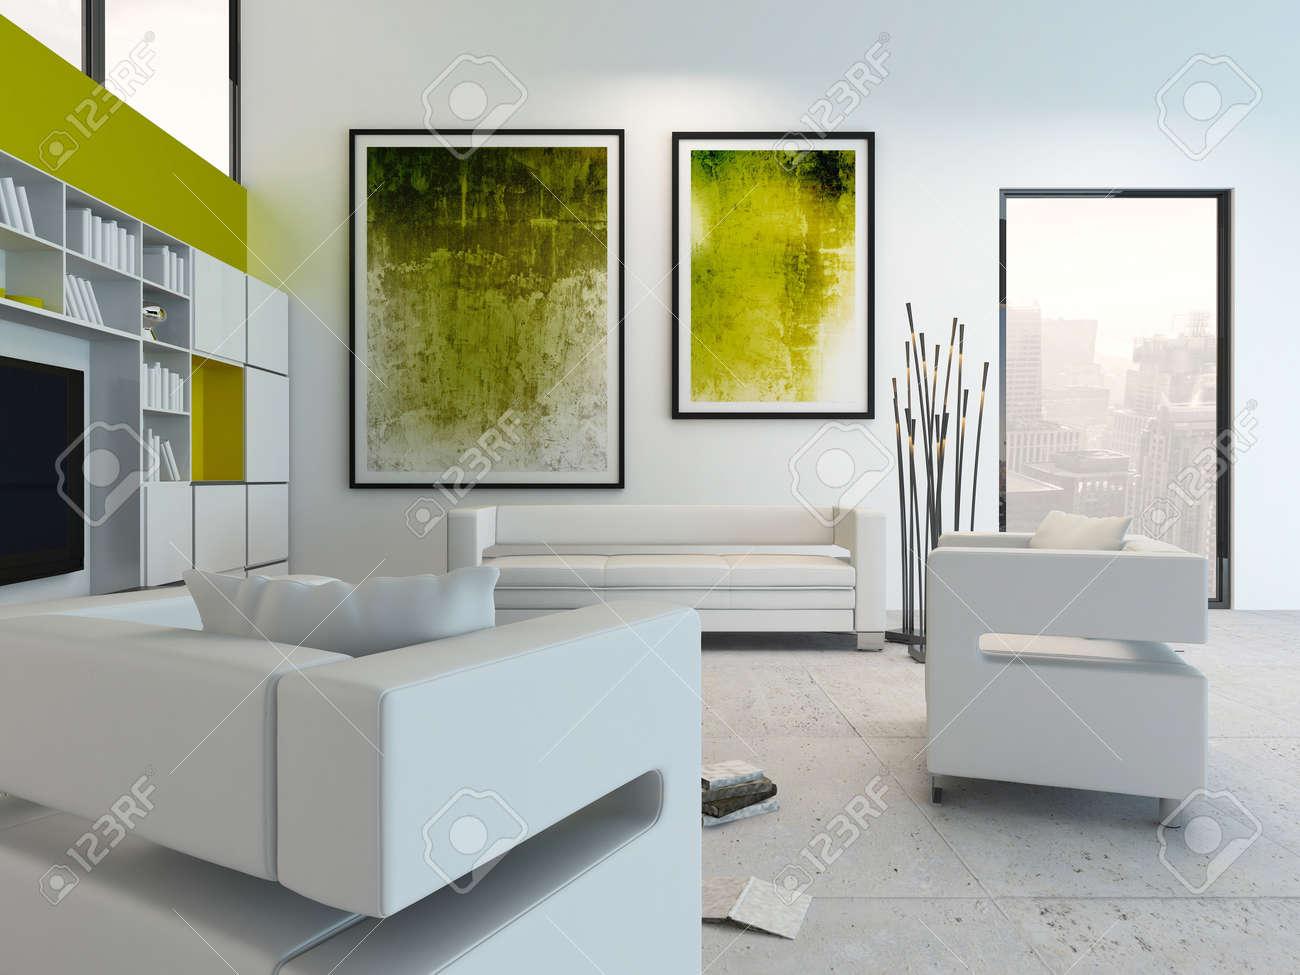 Gemälde Wohnzimmer, modernen wohnzimmer innenraum mit grünen gemälde an der wand, Design ideen